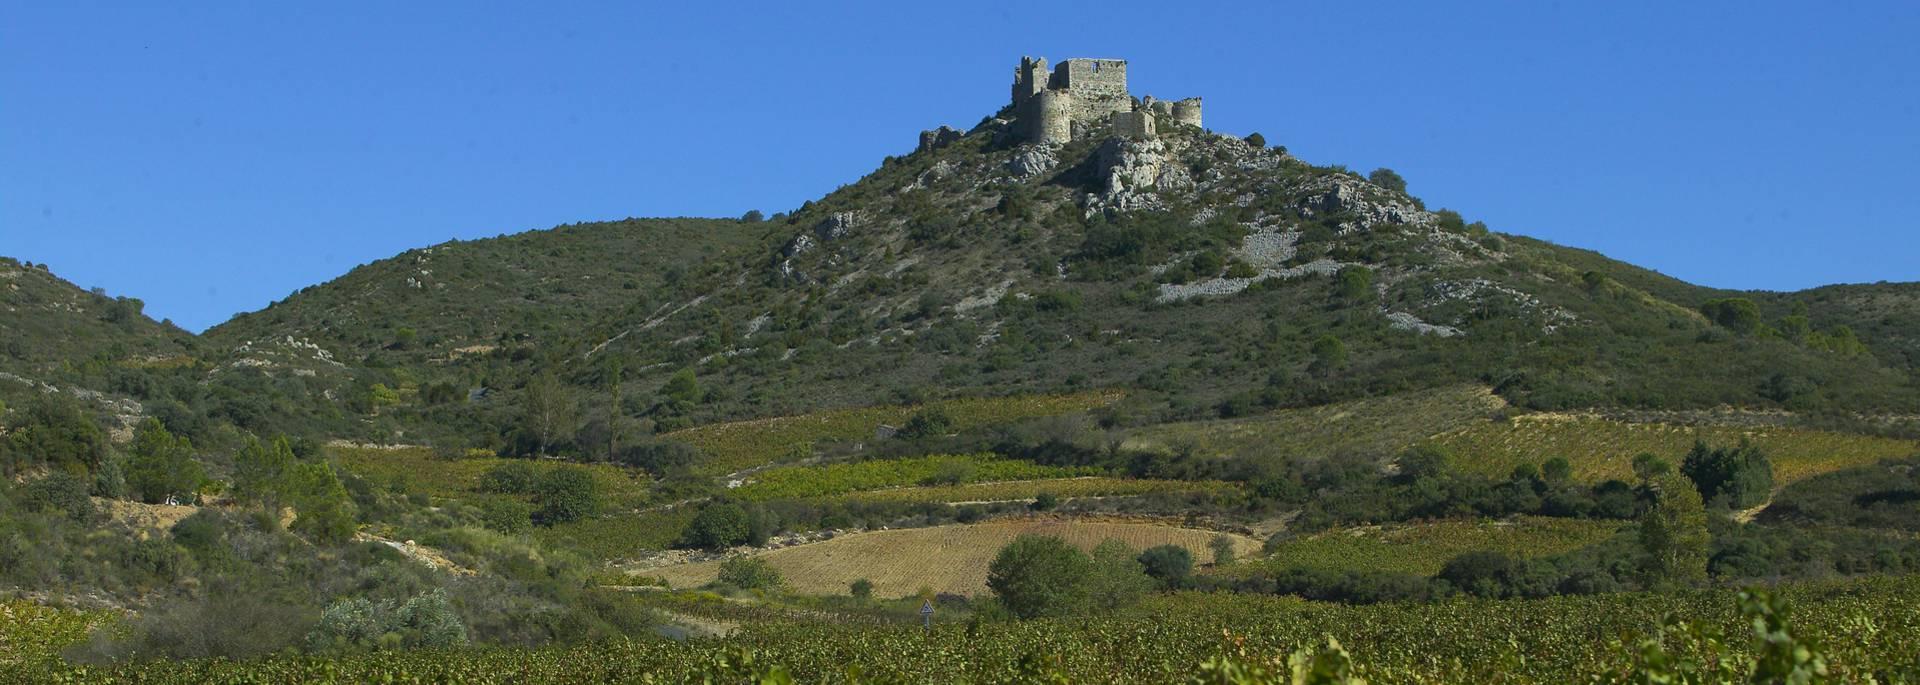 """<a href=""""http://www.payscathare.drupal.rc-preprod.com/les-sites/chateau-d-aguilar"""">Château d'Aguilar</a>"""